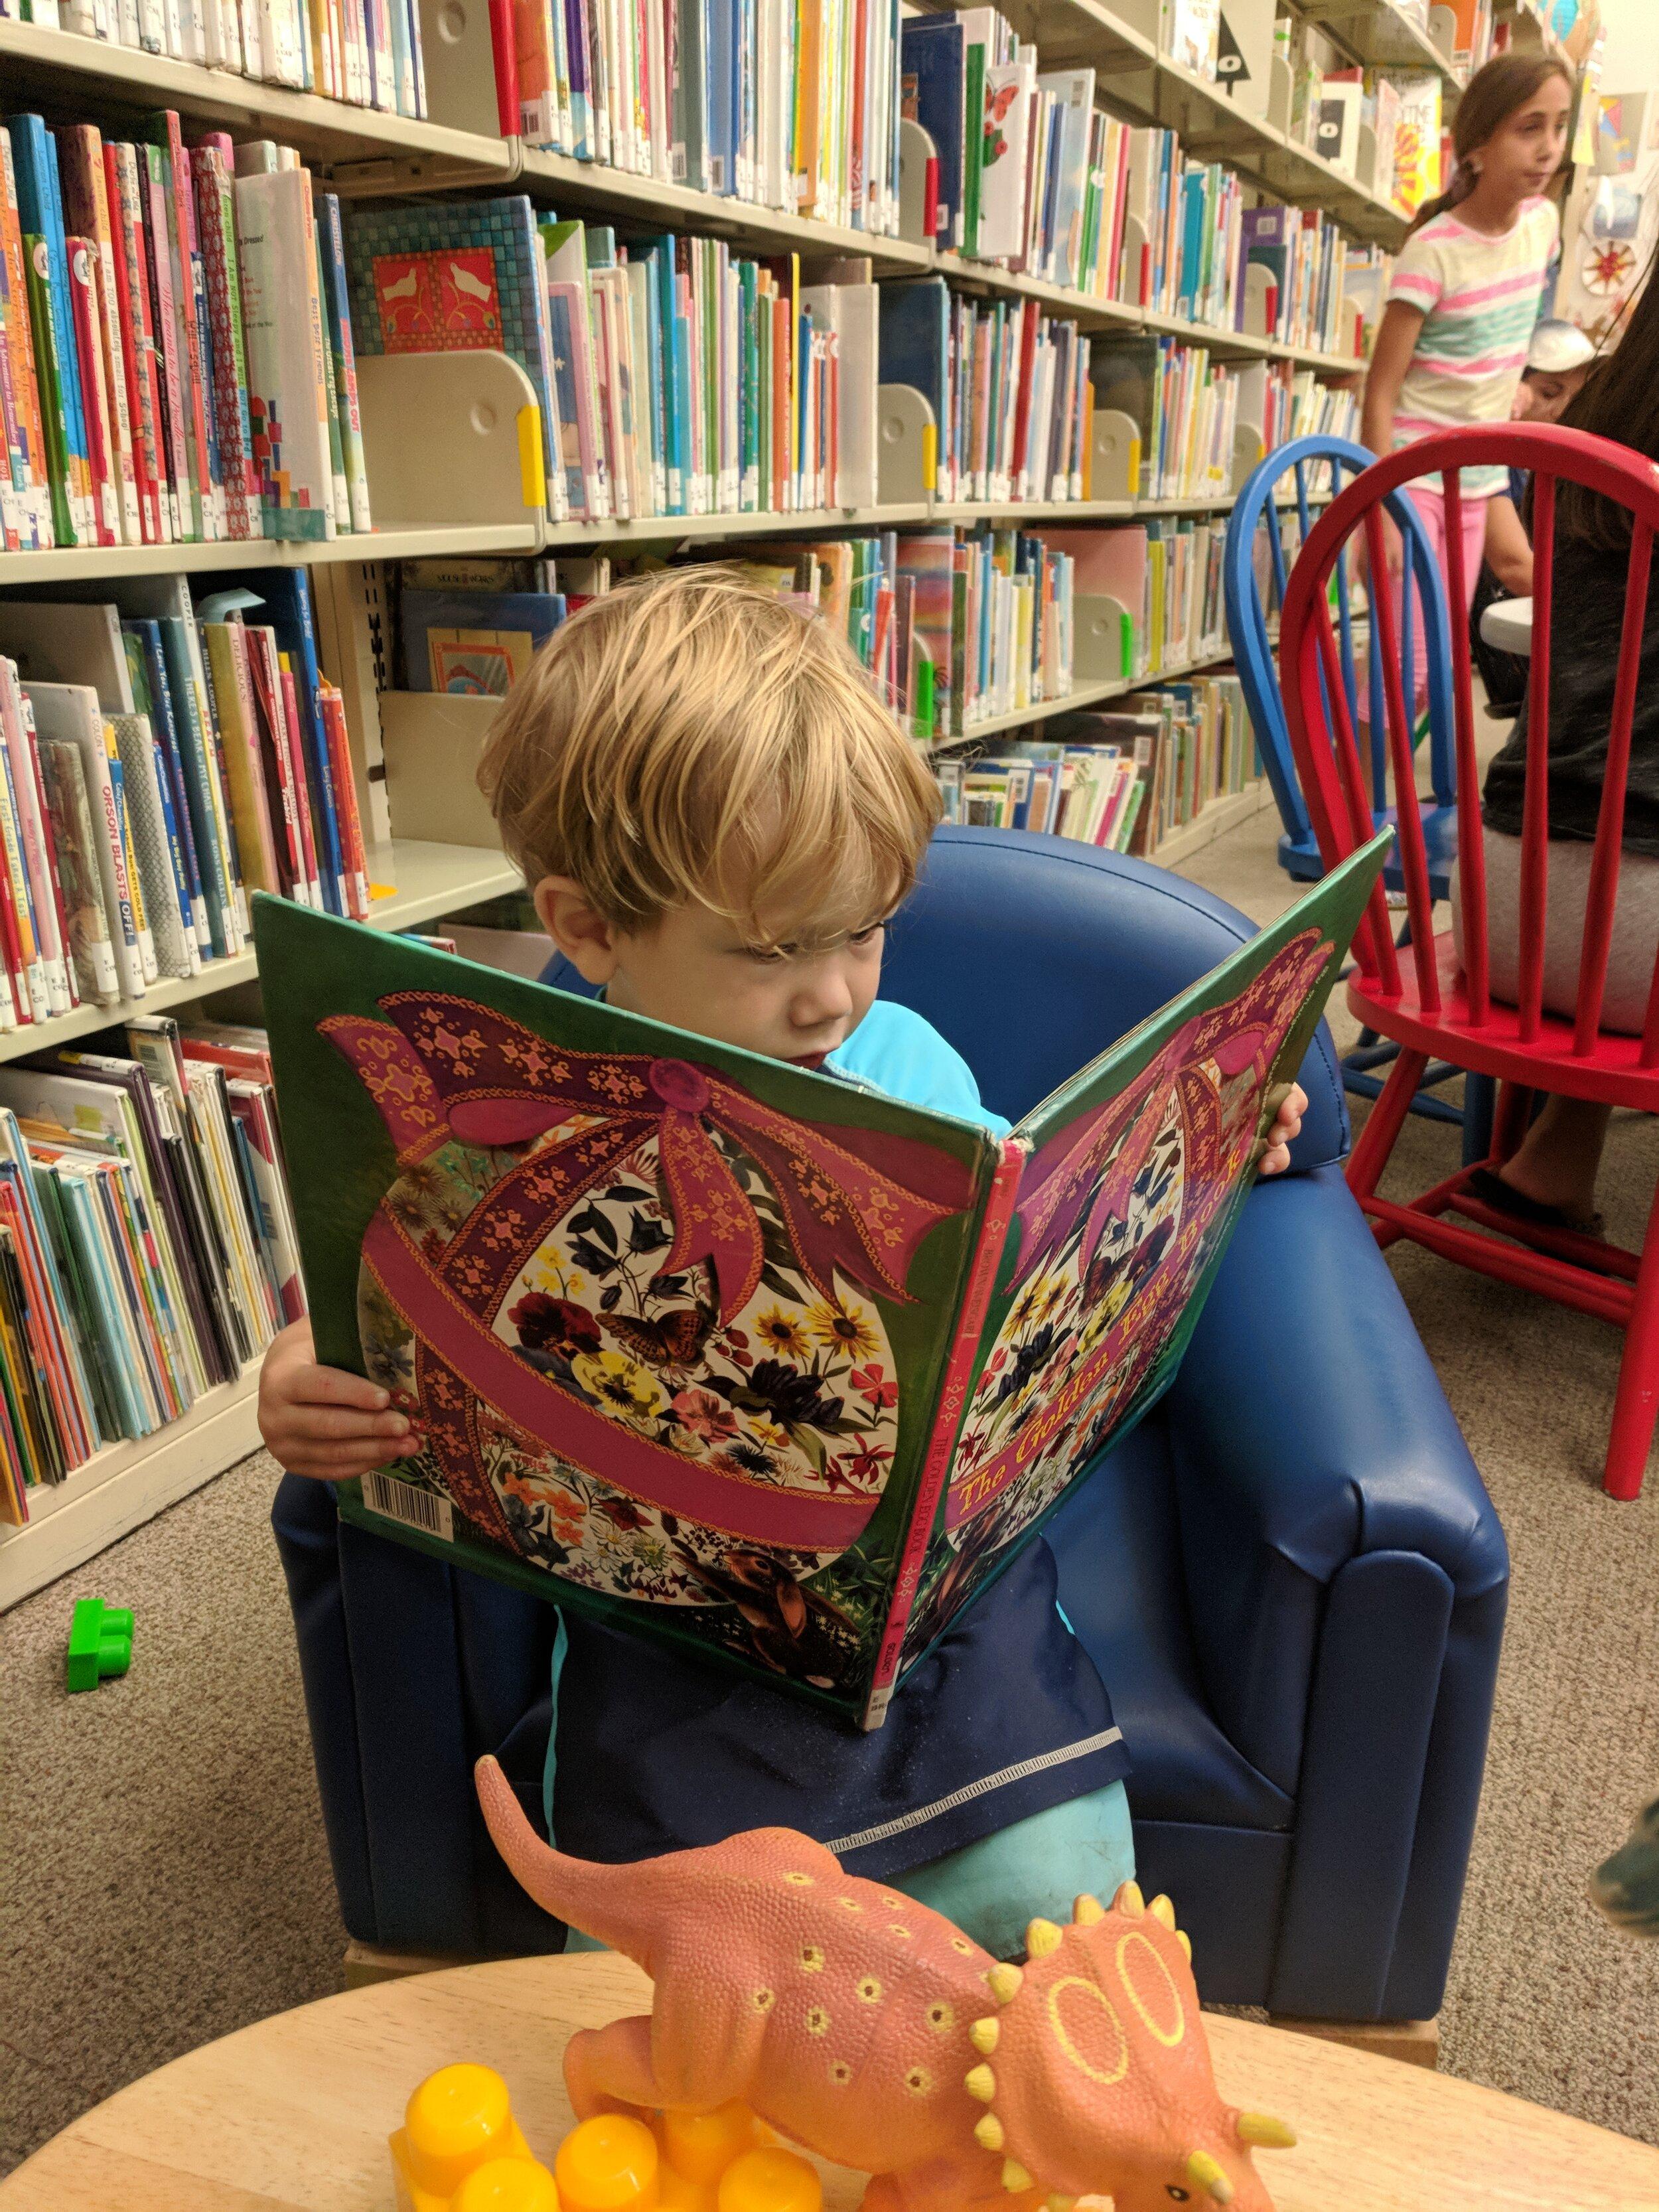 B reading at library.jpg